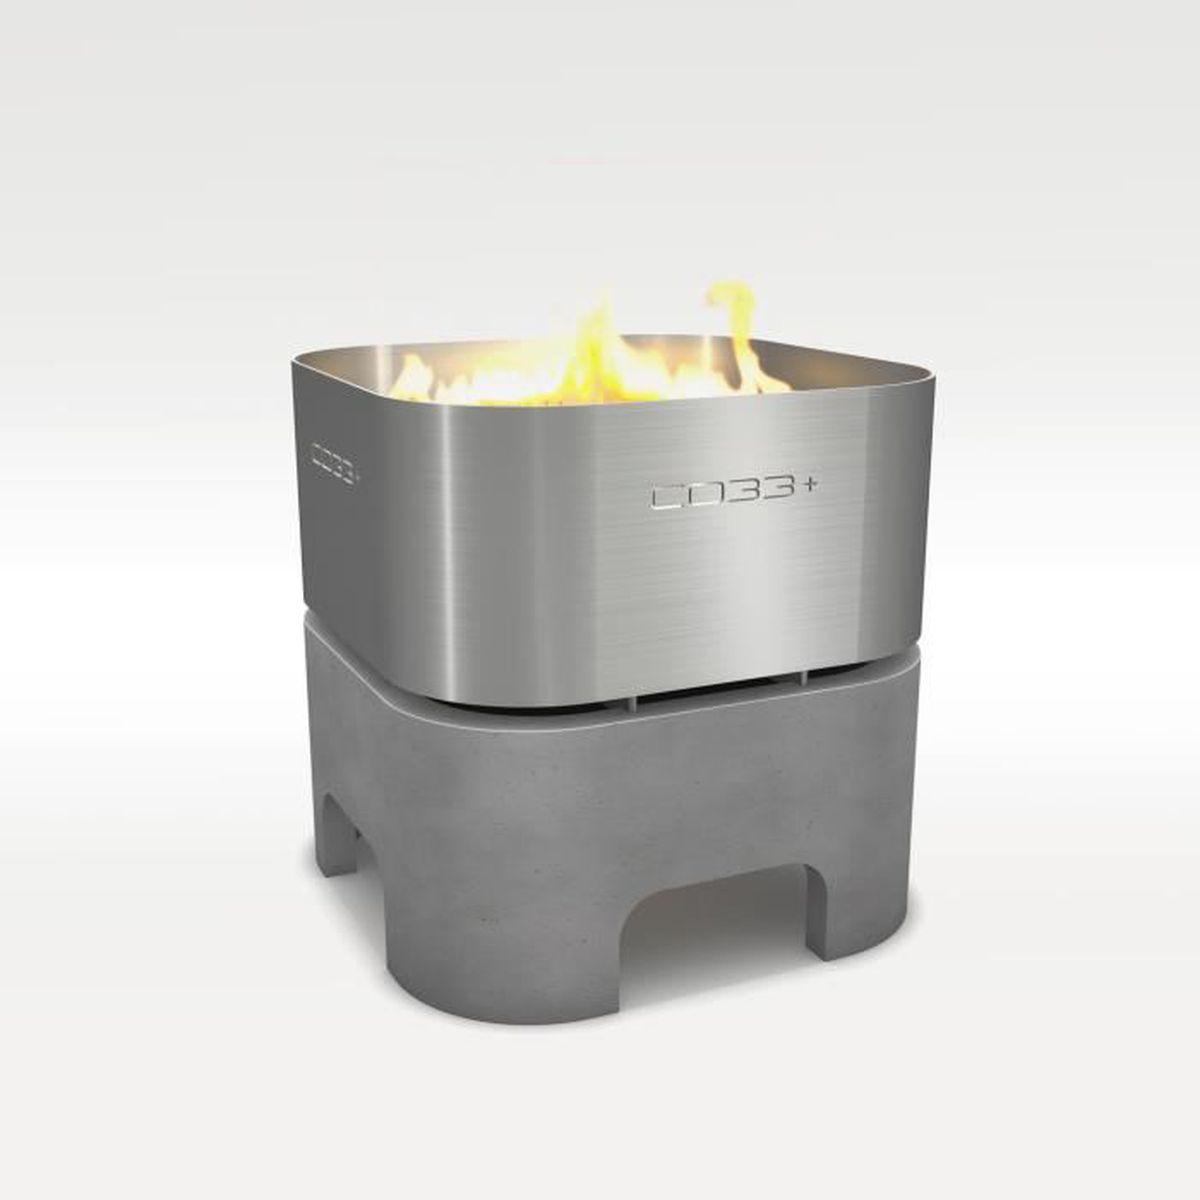 brasero en béton et l'acier inox avec grill - achat / vente barbecue